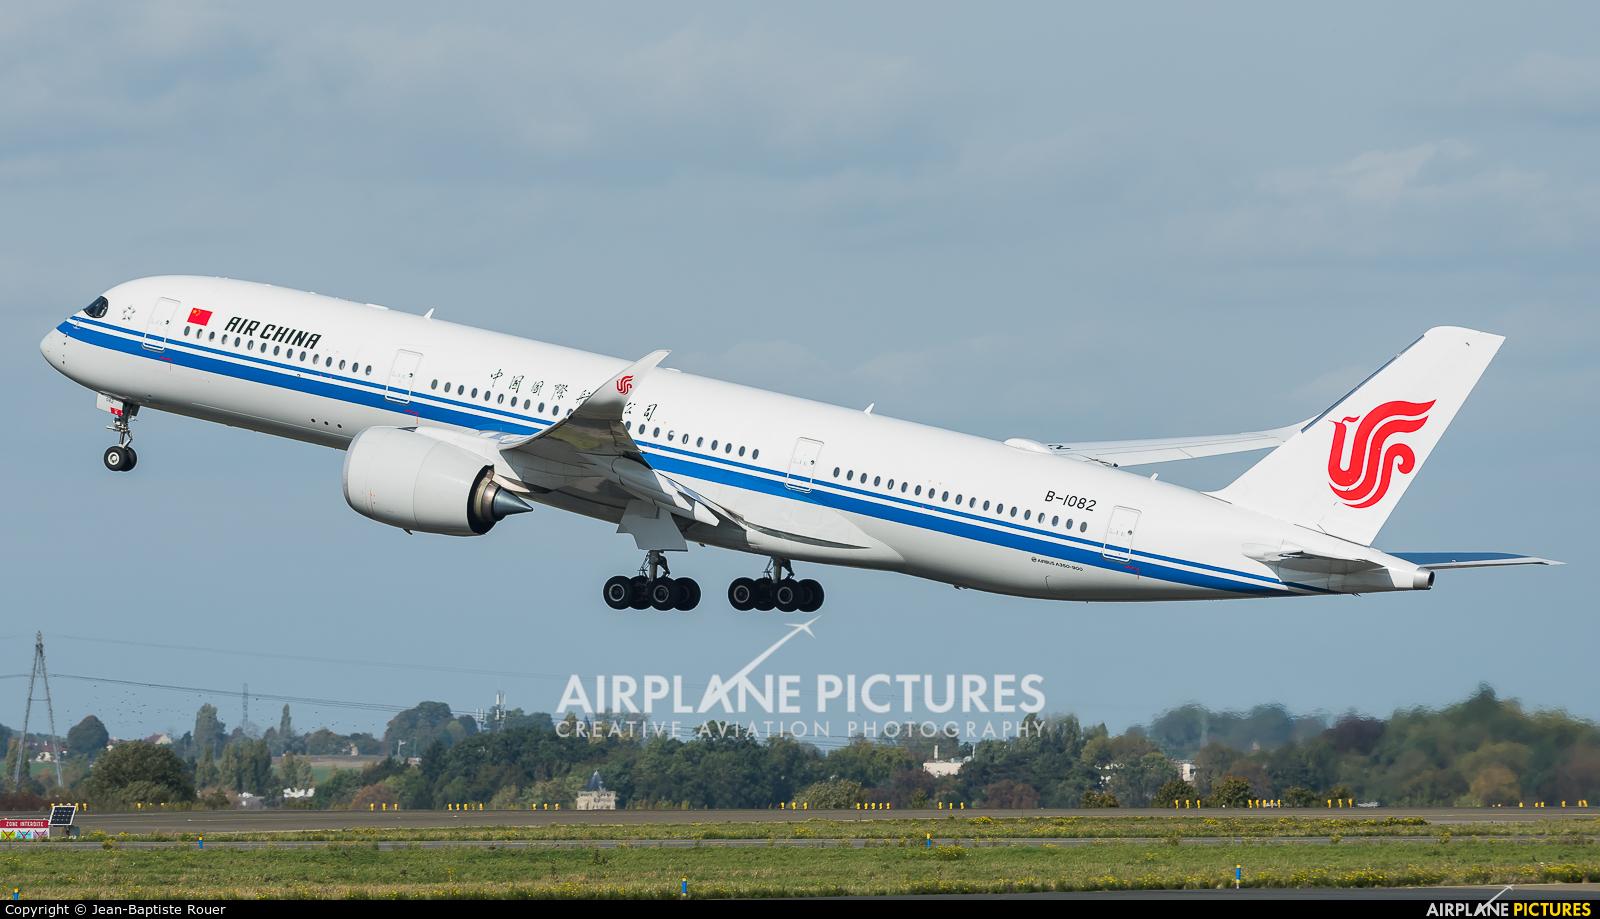 Air China B-1082 aircraft at Paris - Charles de Gaulle